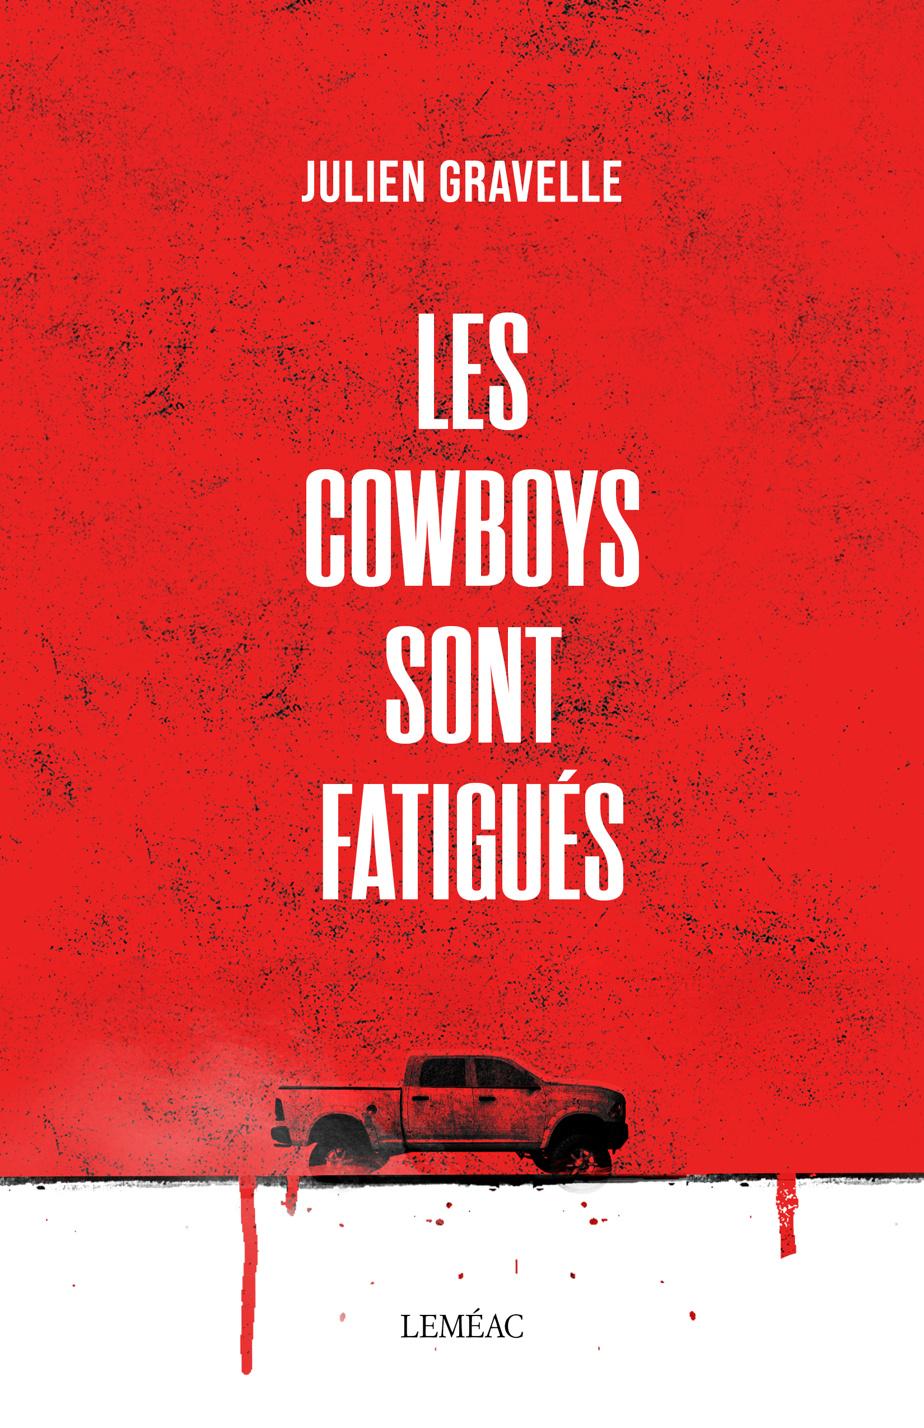 Les cowboys sont fatigués